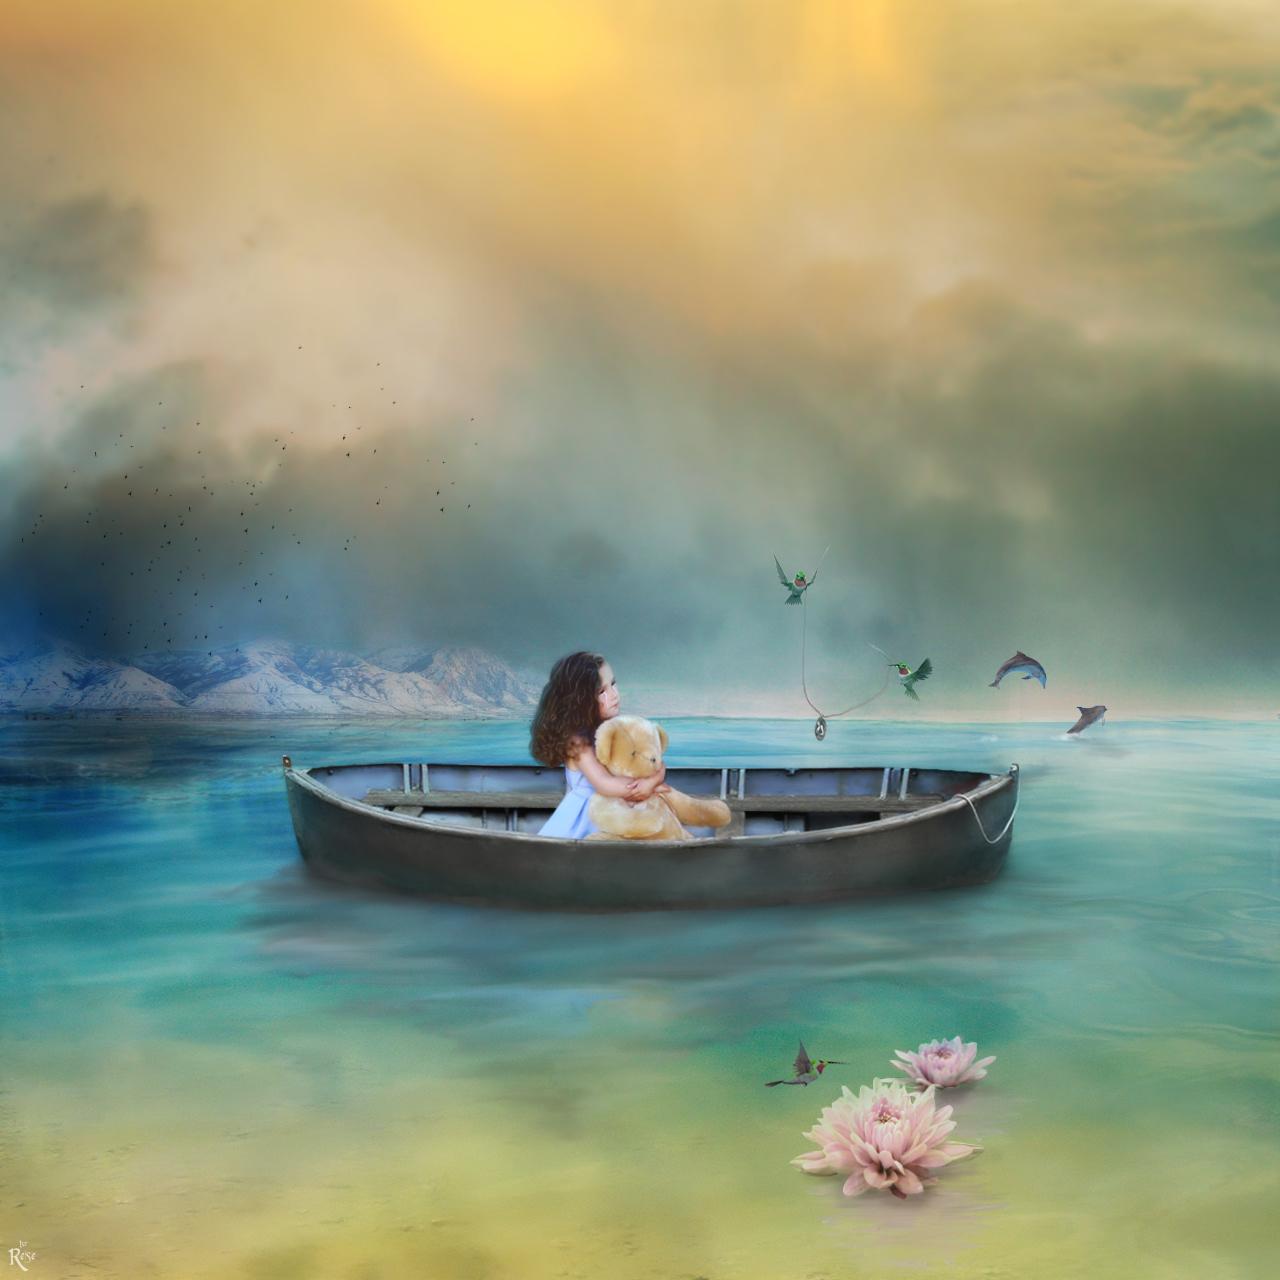 лодка по реке плывет